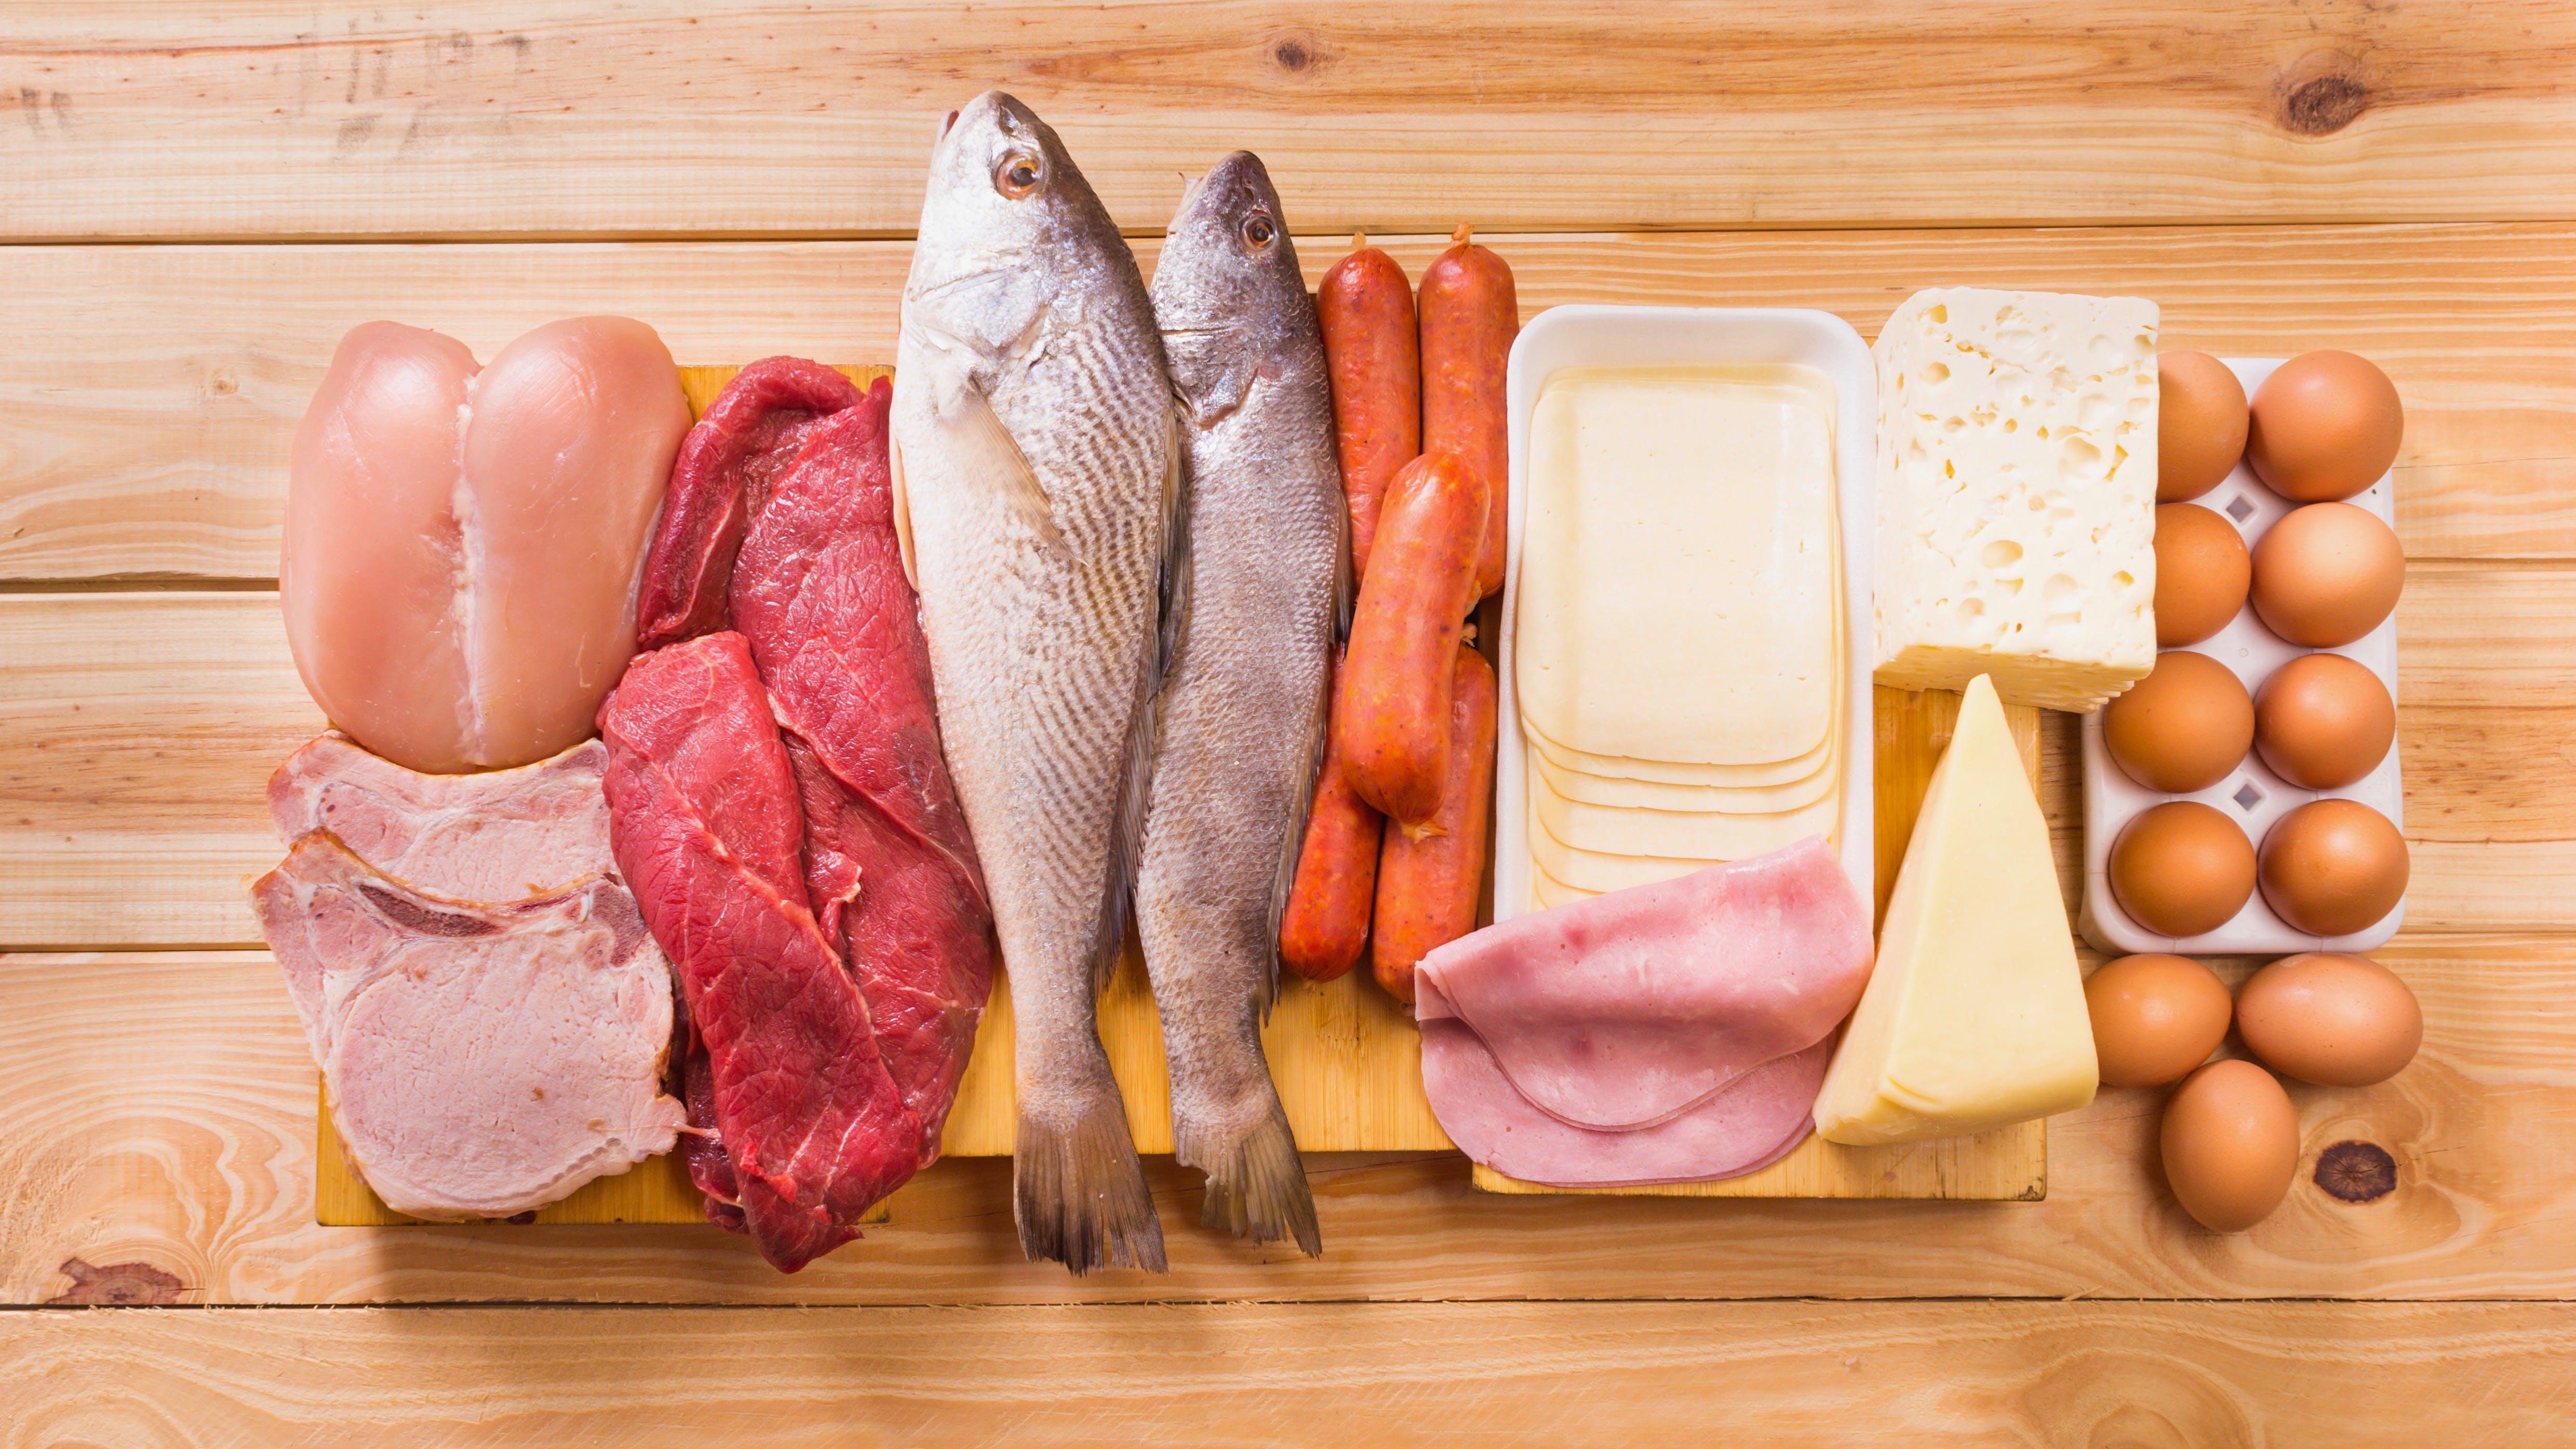 La carne y los lácteos forman parte de una dieta saludable, dicen los expertos